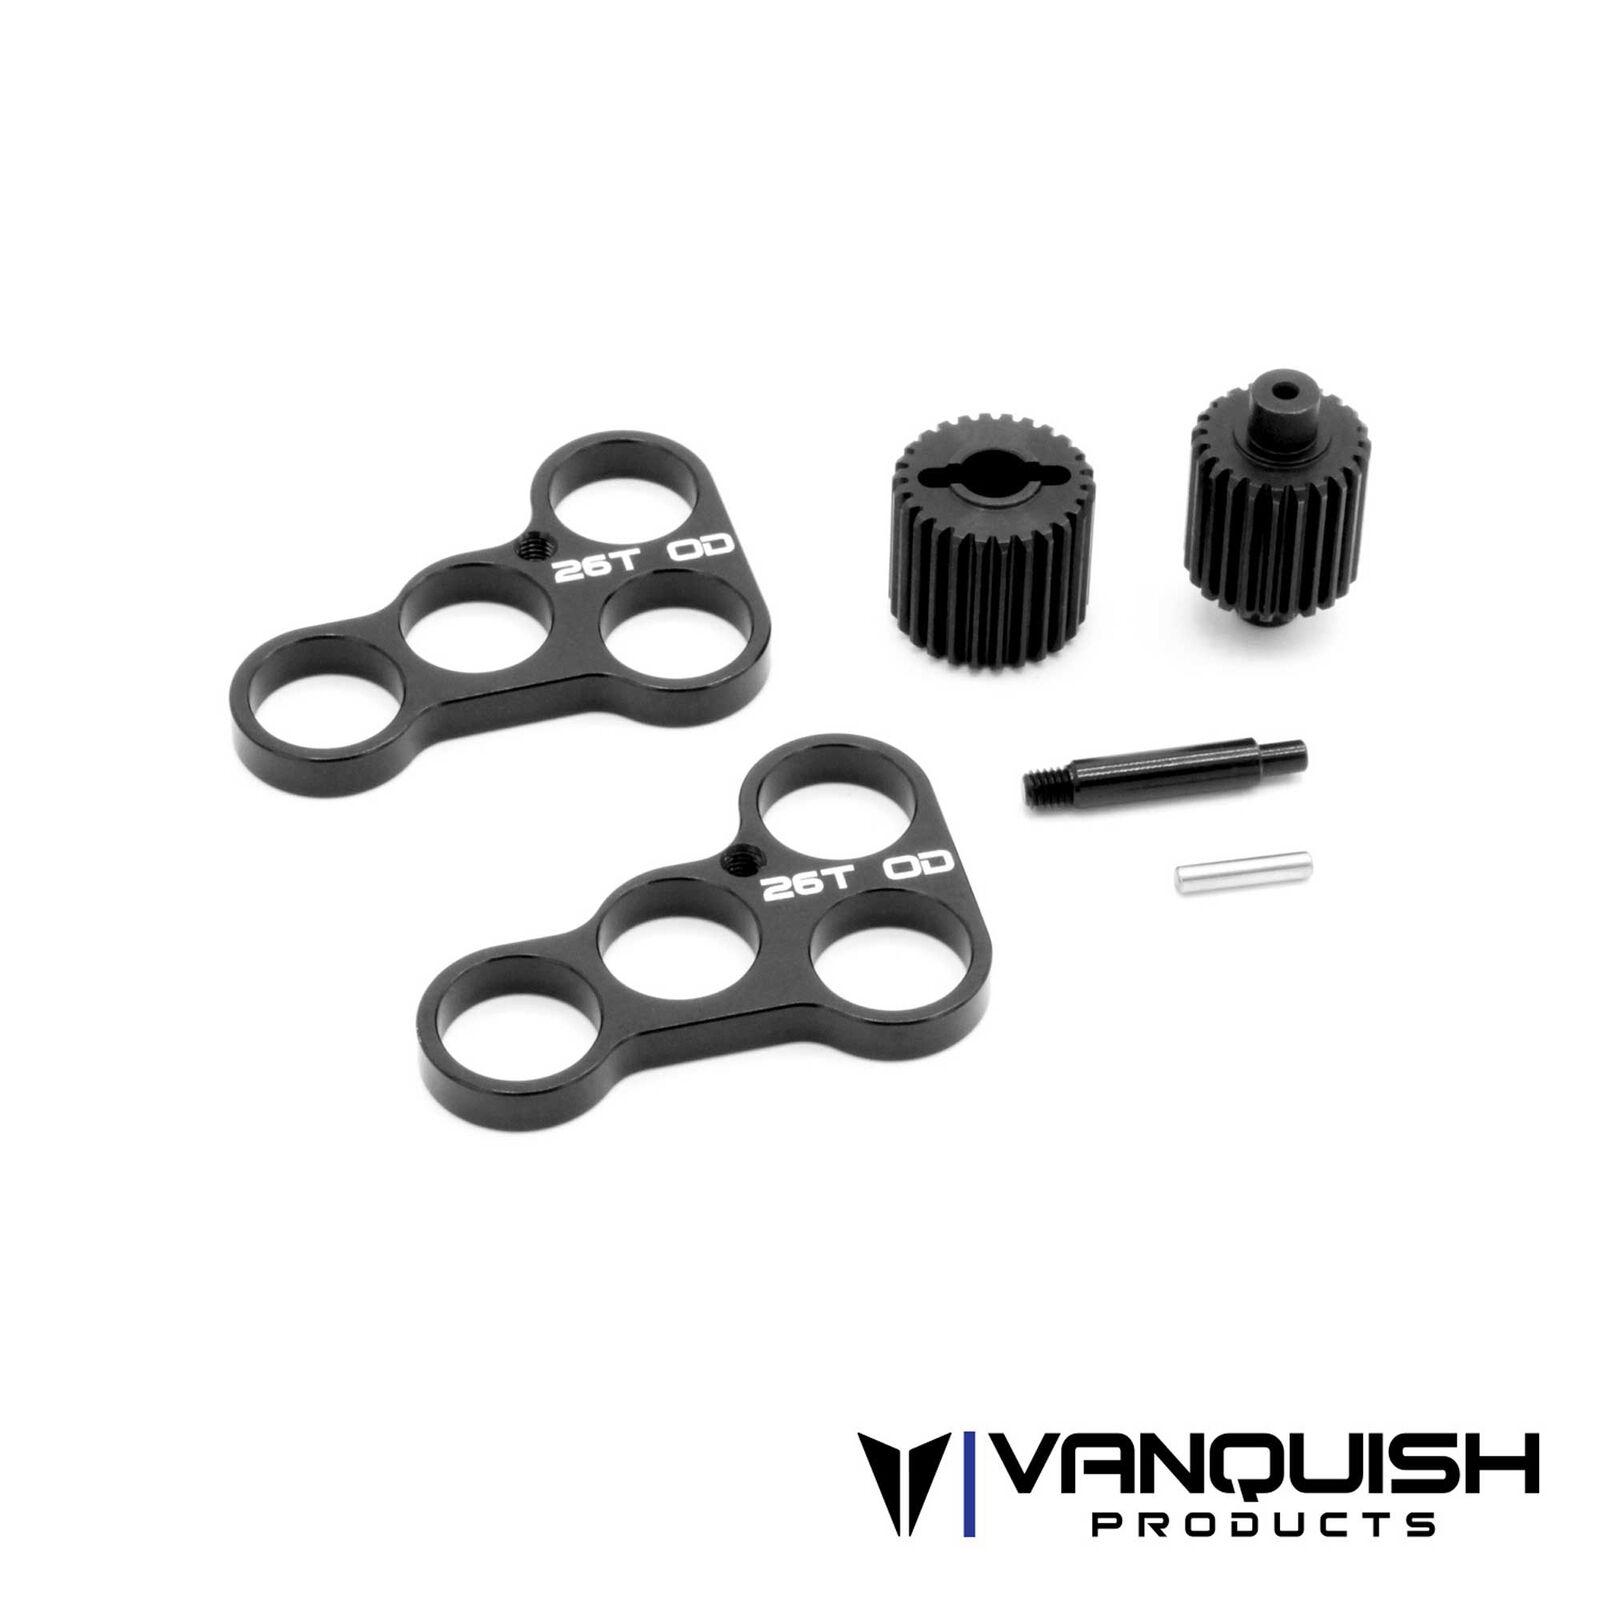 VFD 21% Overdrive Gear Set